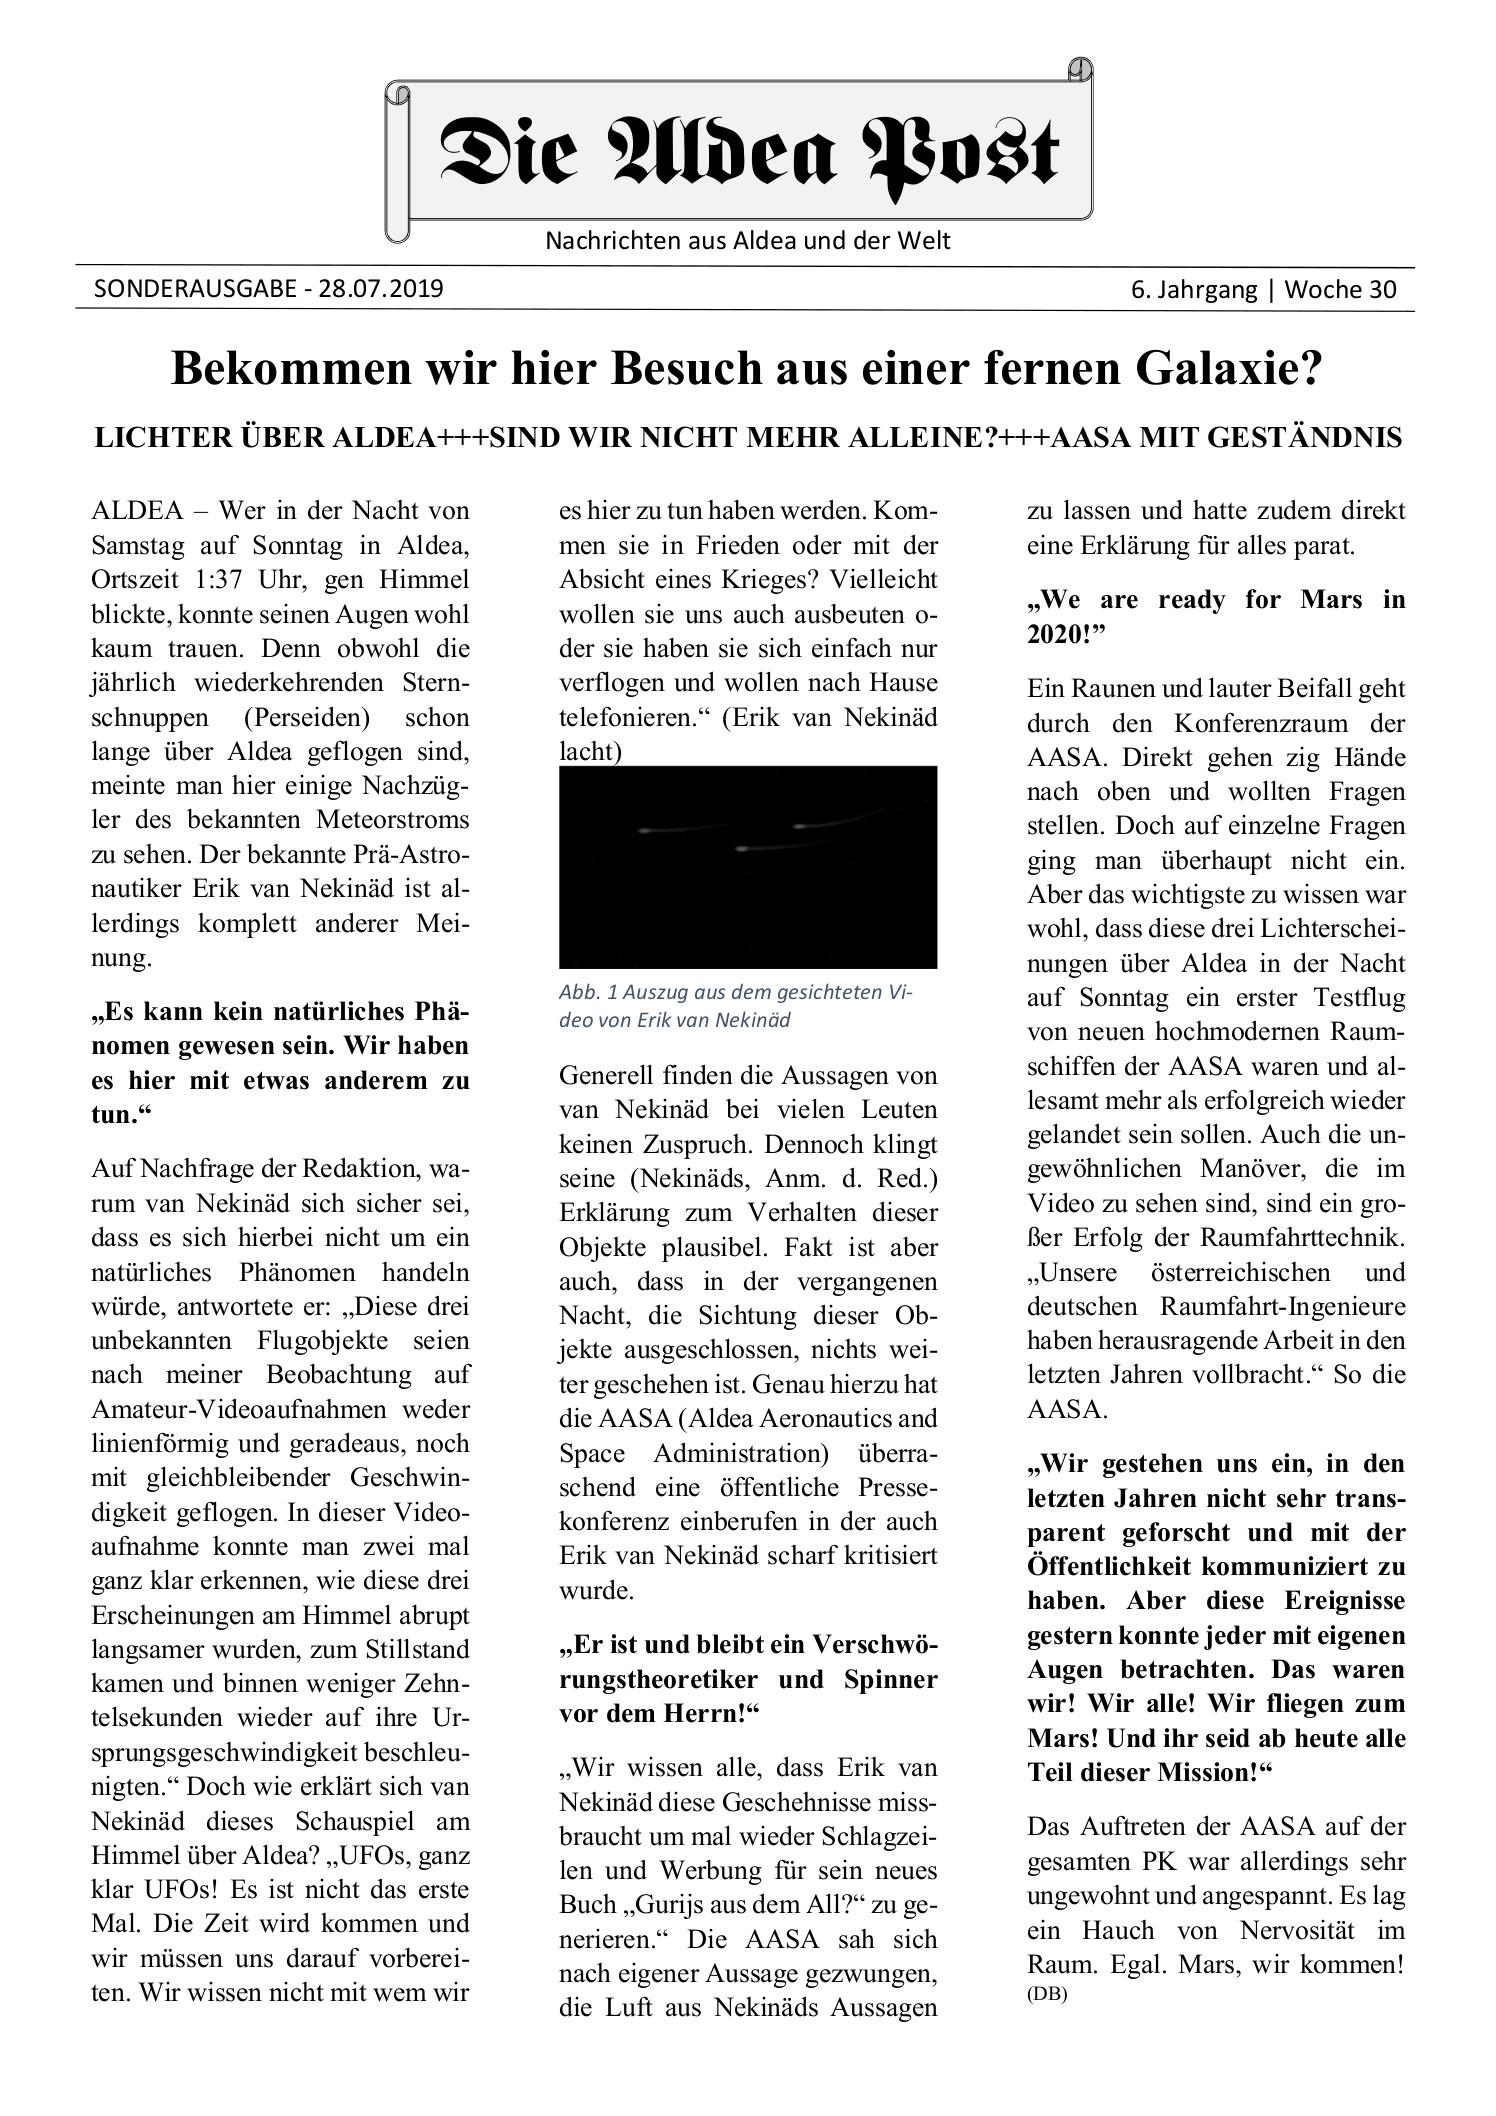 Die Aldea Post - Sonderausgabe 1.jpg